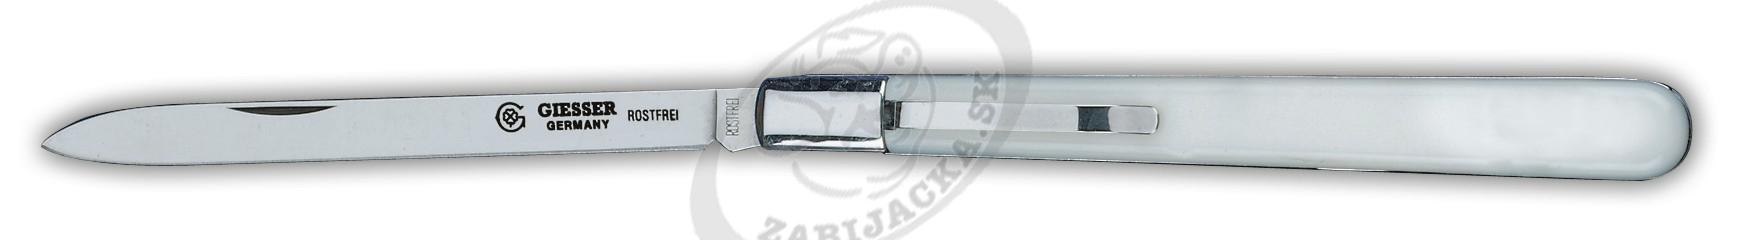 Nôžík s vidličkou vreckový G 7981